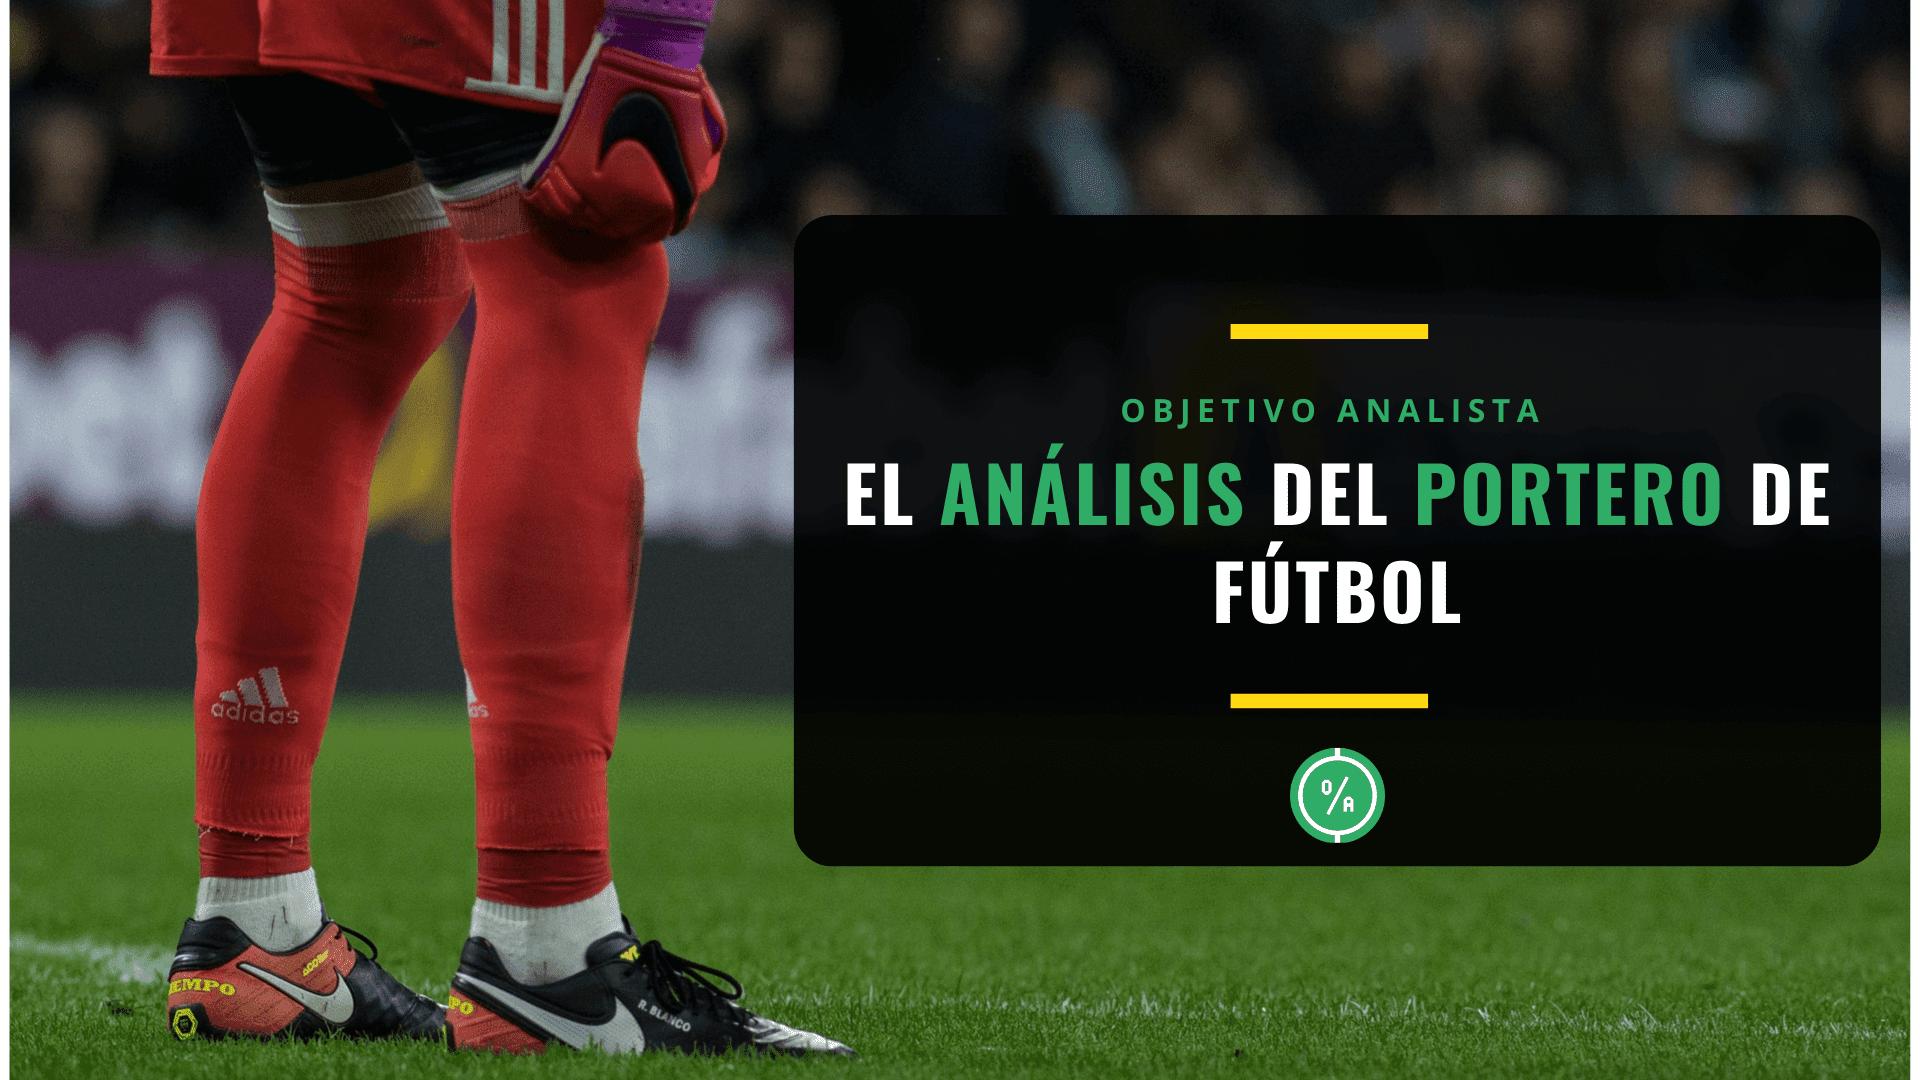 El análisis del portero de fútbol